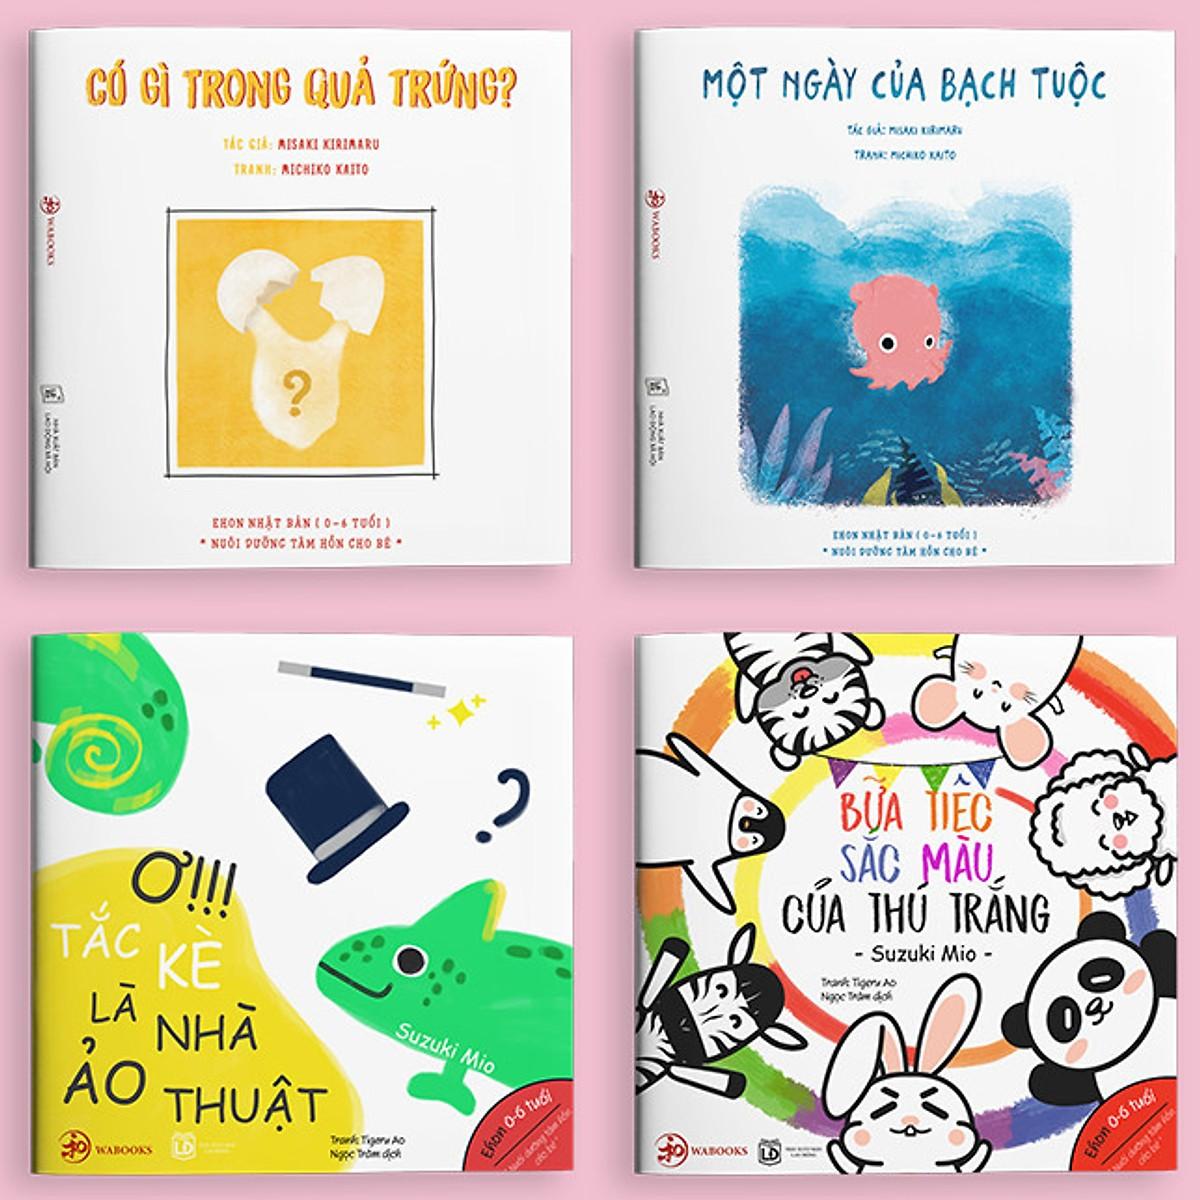 Combo 4 Cuốn Ehon Nhật Bản SỰ KỲ DIỆU CỦA MÀU SẮC: Có Gì Trong Quả Trứng + Một Ngày Của Bạch Tuộc + Ơ!!! Tắc Kè Là Nhà Ảo Thuật + Bữa Tiệc Sắc Màu Của Thú Trắng (Ehon Nuôi Dưỡng Tâm Hồn Cho Bé Từ 0 - 6 Tuổi/ Tặng Kèm Bookmark Happy Life)